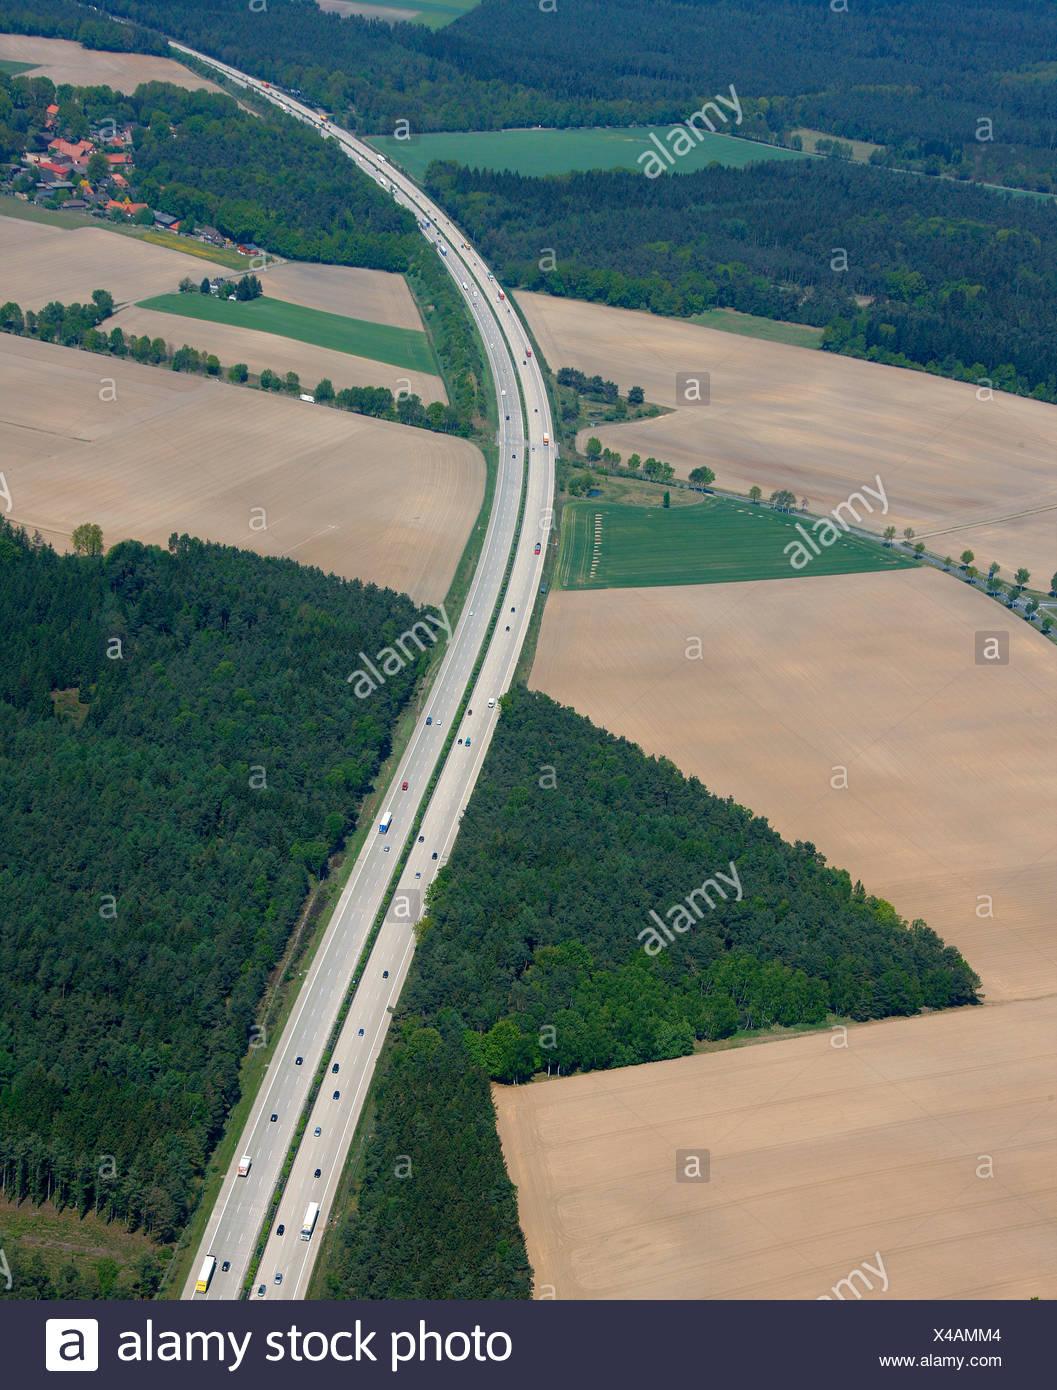 Vista aerea, A7 autostrada, curva, campi e foreste, Bispingen, Bassa Sassonia, Germania, Europa Immagini Stock